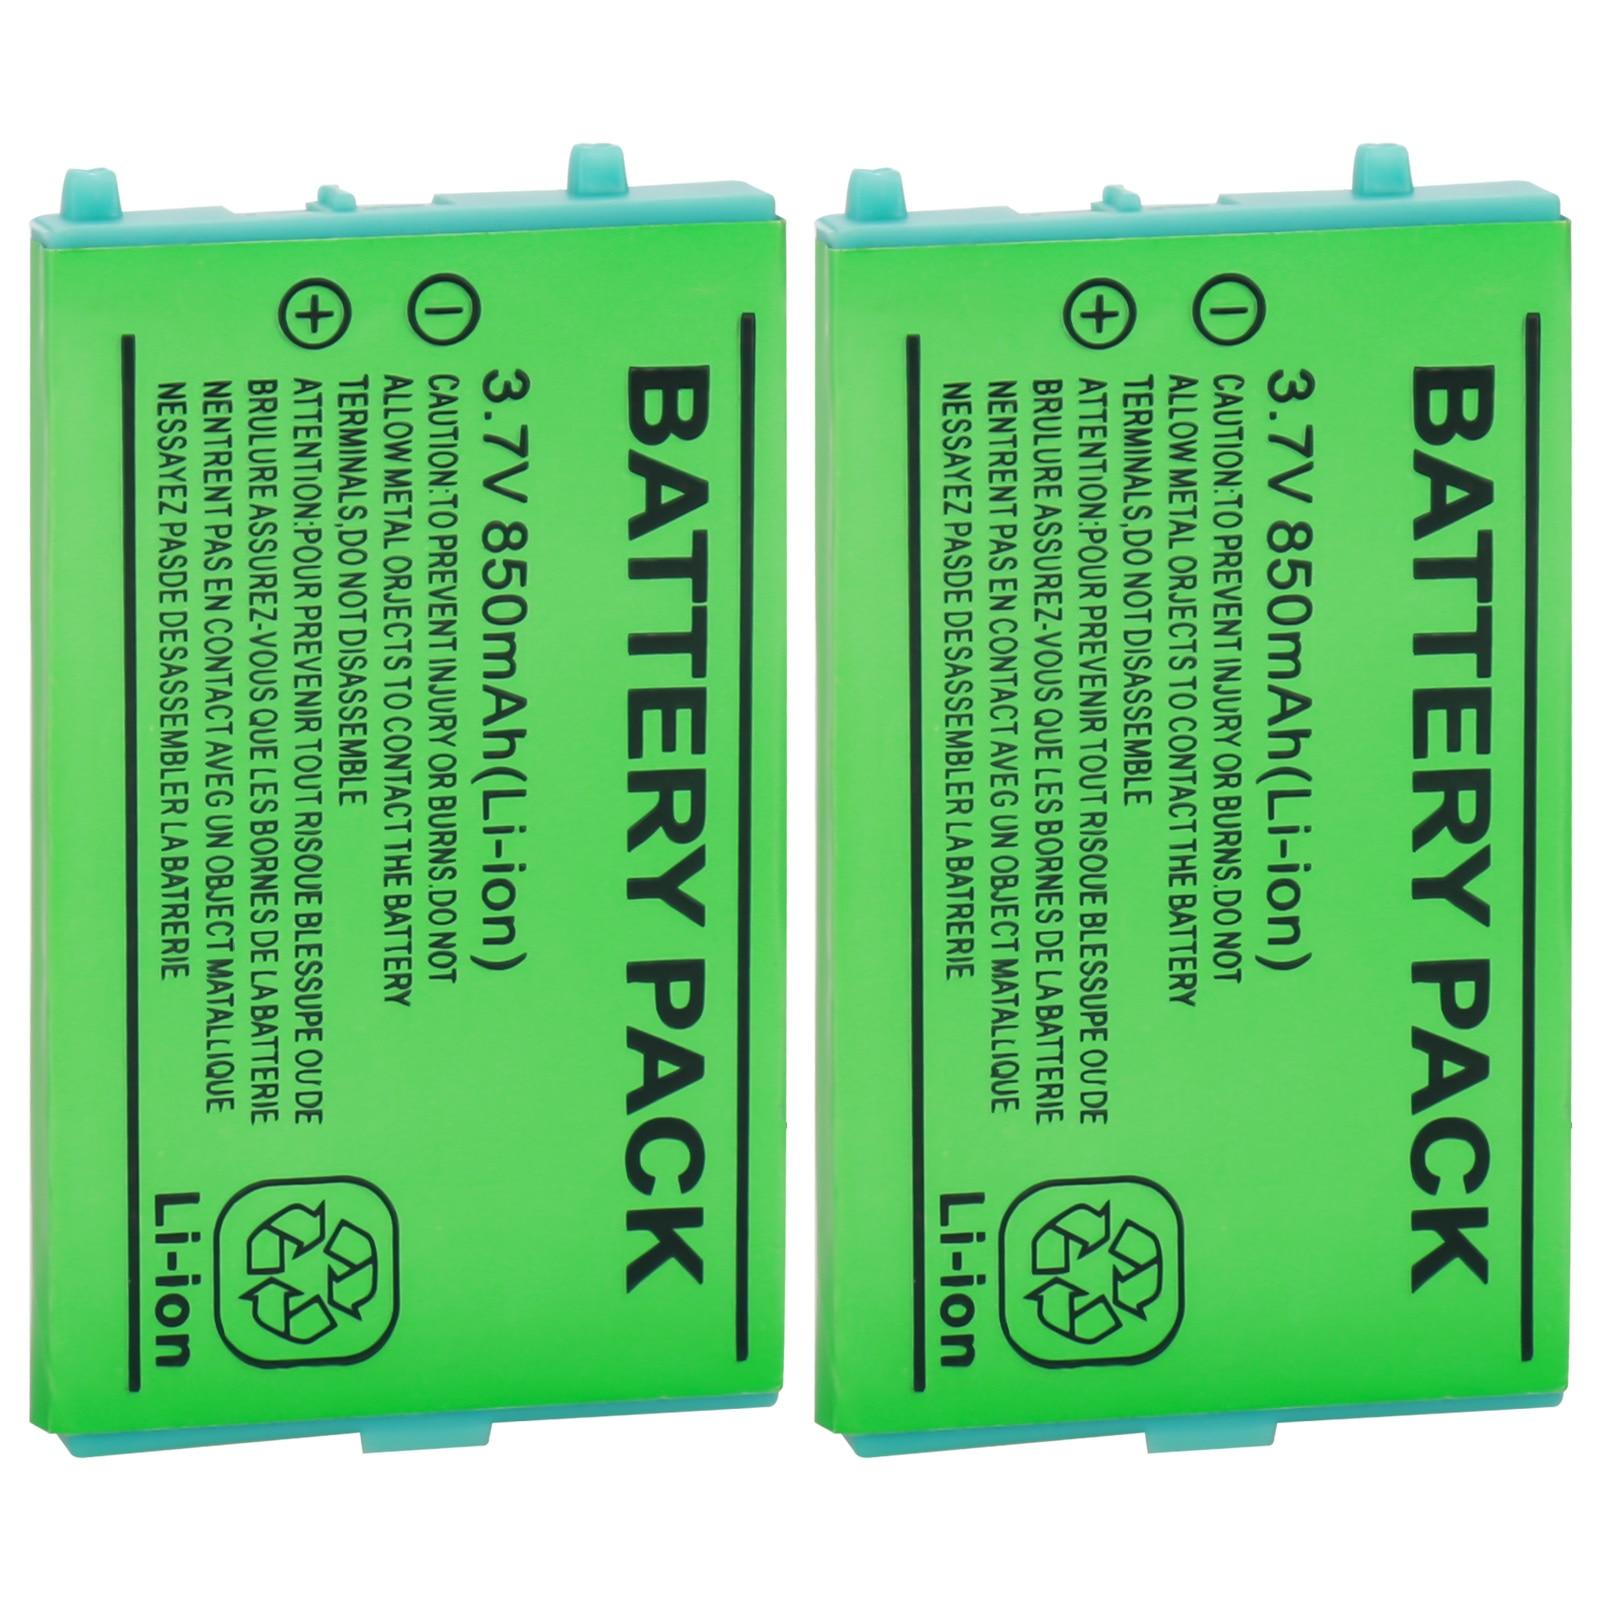 Batería de 2X 850mAh para Nintend GBA SP GameBoy Advance 3,7 V baterías recargables de litio Li-Ion